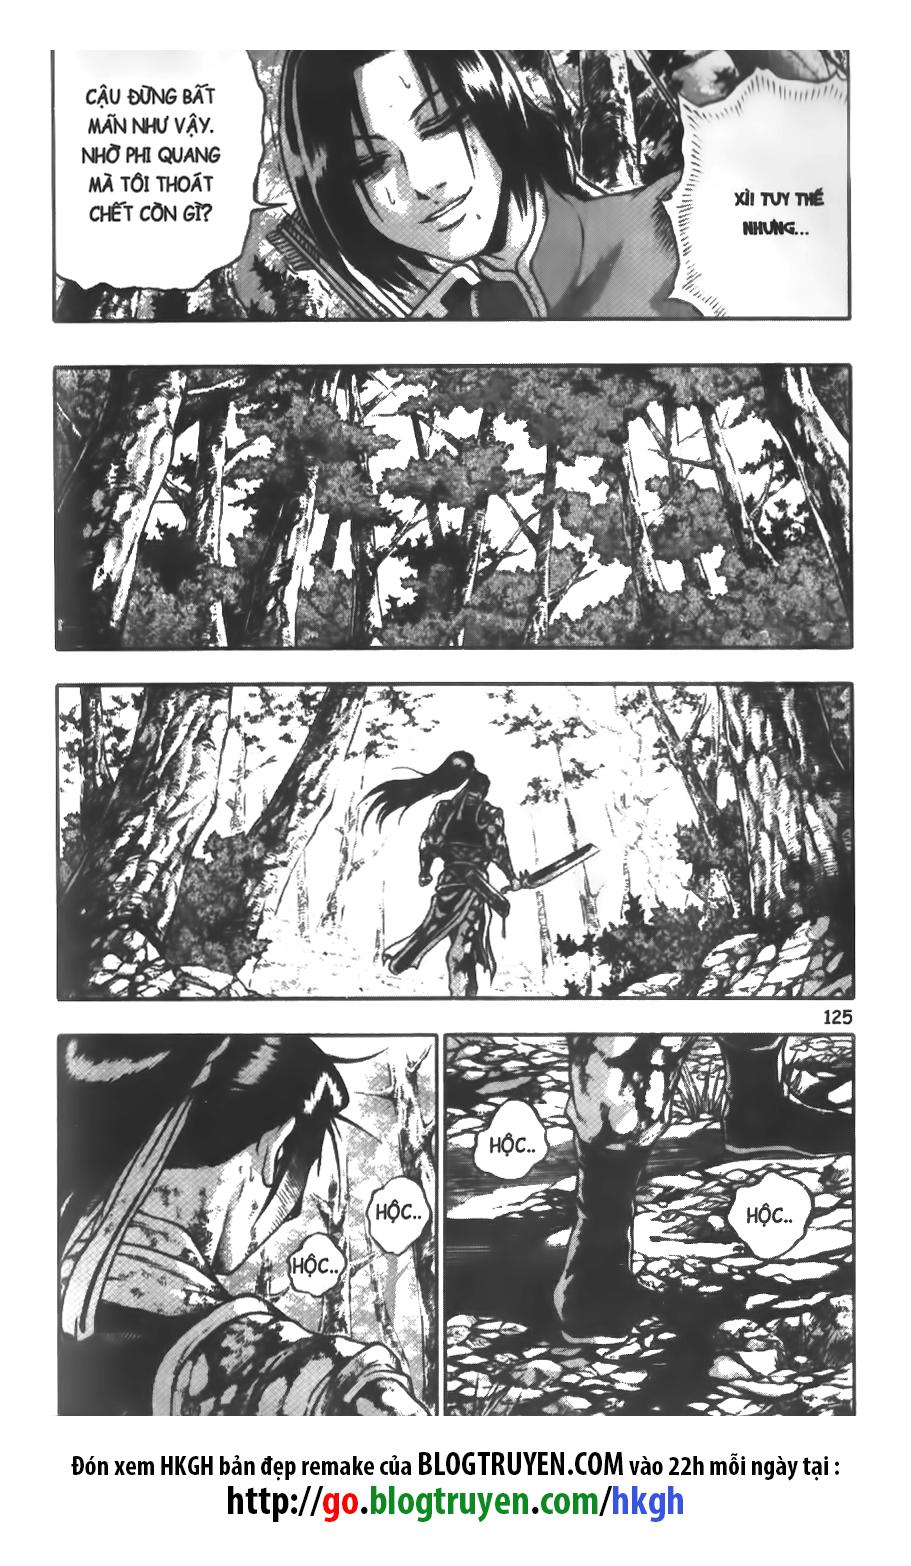 xem truyen moi - Hiệp Khách Giang Hồ Vol47 - Chap 329 - Remake